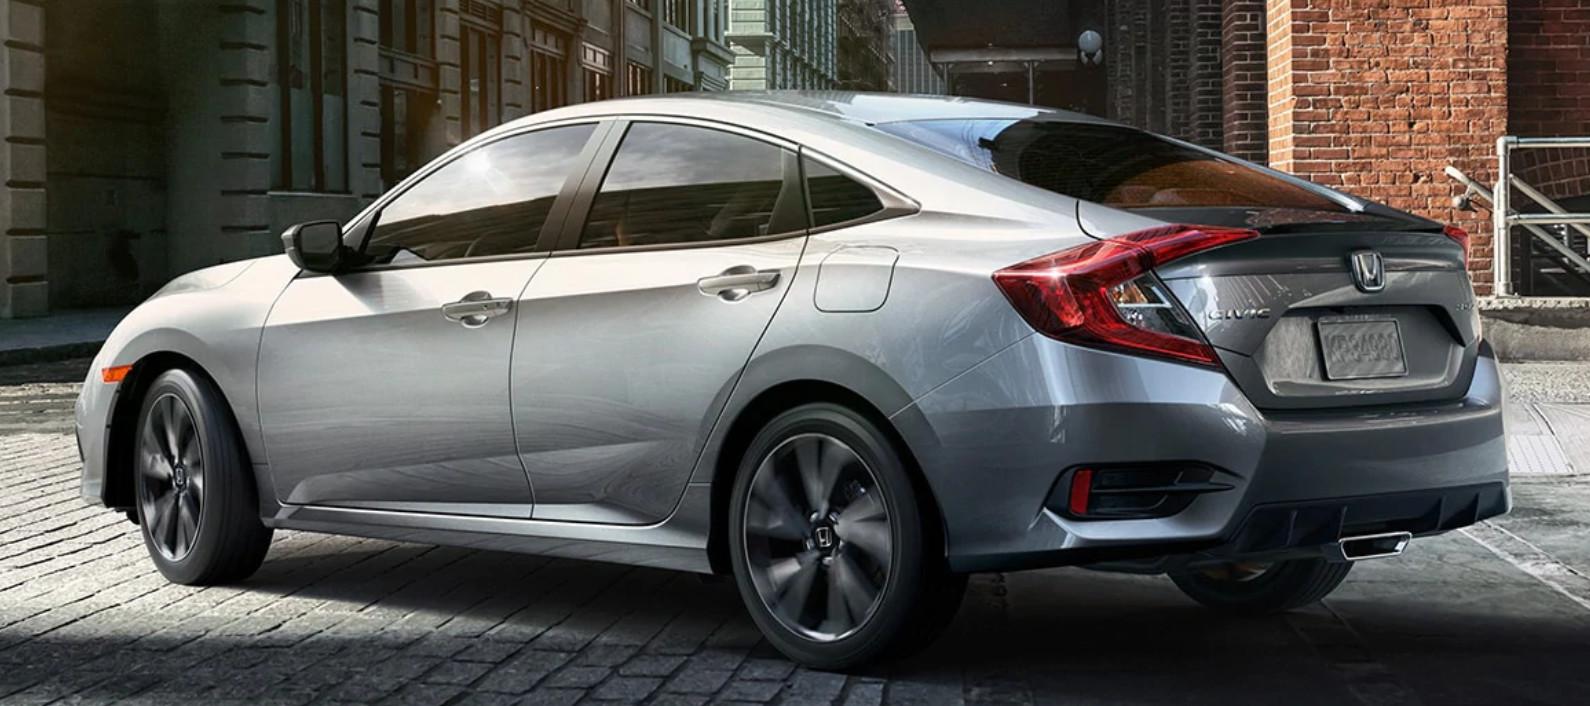 Honda Civic 2020 a la venta cerca de Alexandria, VA